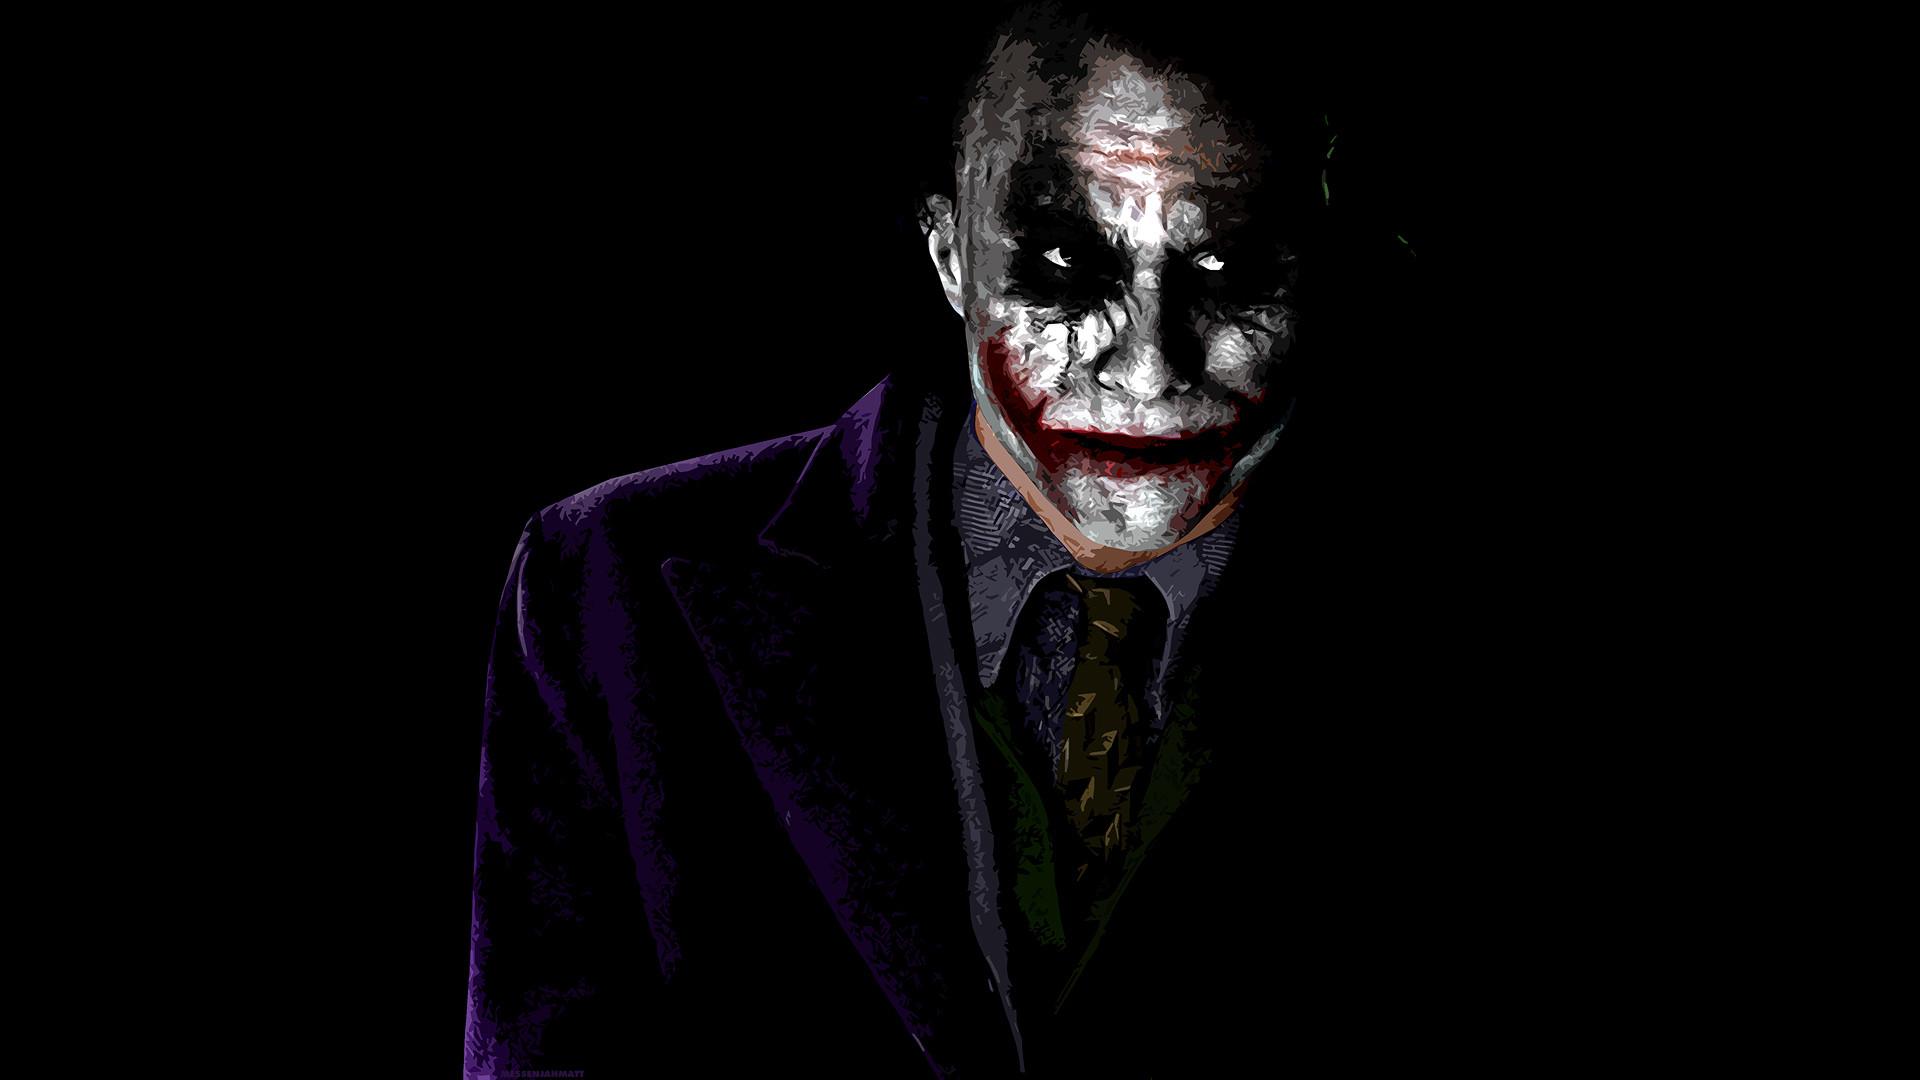 Joker Hd Wallpapers 1080P – HD Wallpapers Pretty